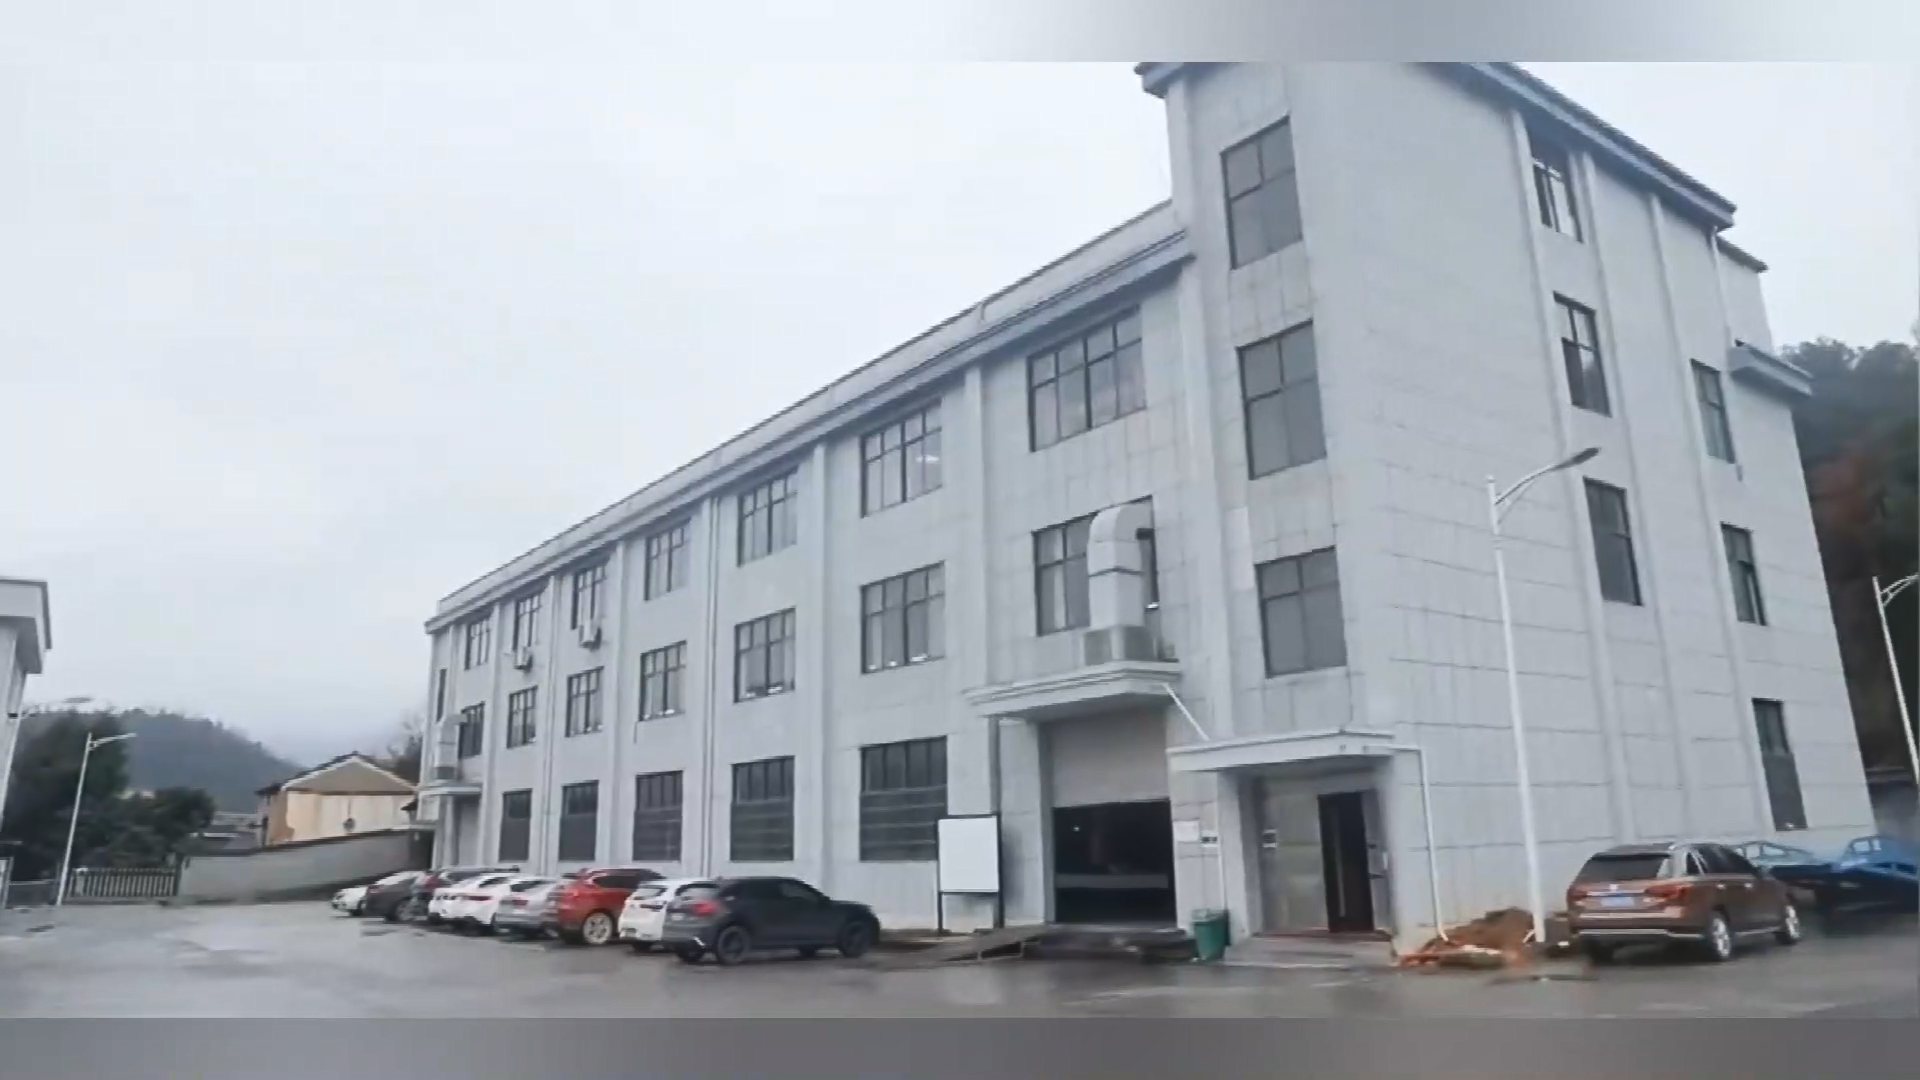 סין סיטונאי חומר טקסטיל חומר גלם בד מיקרופייבר